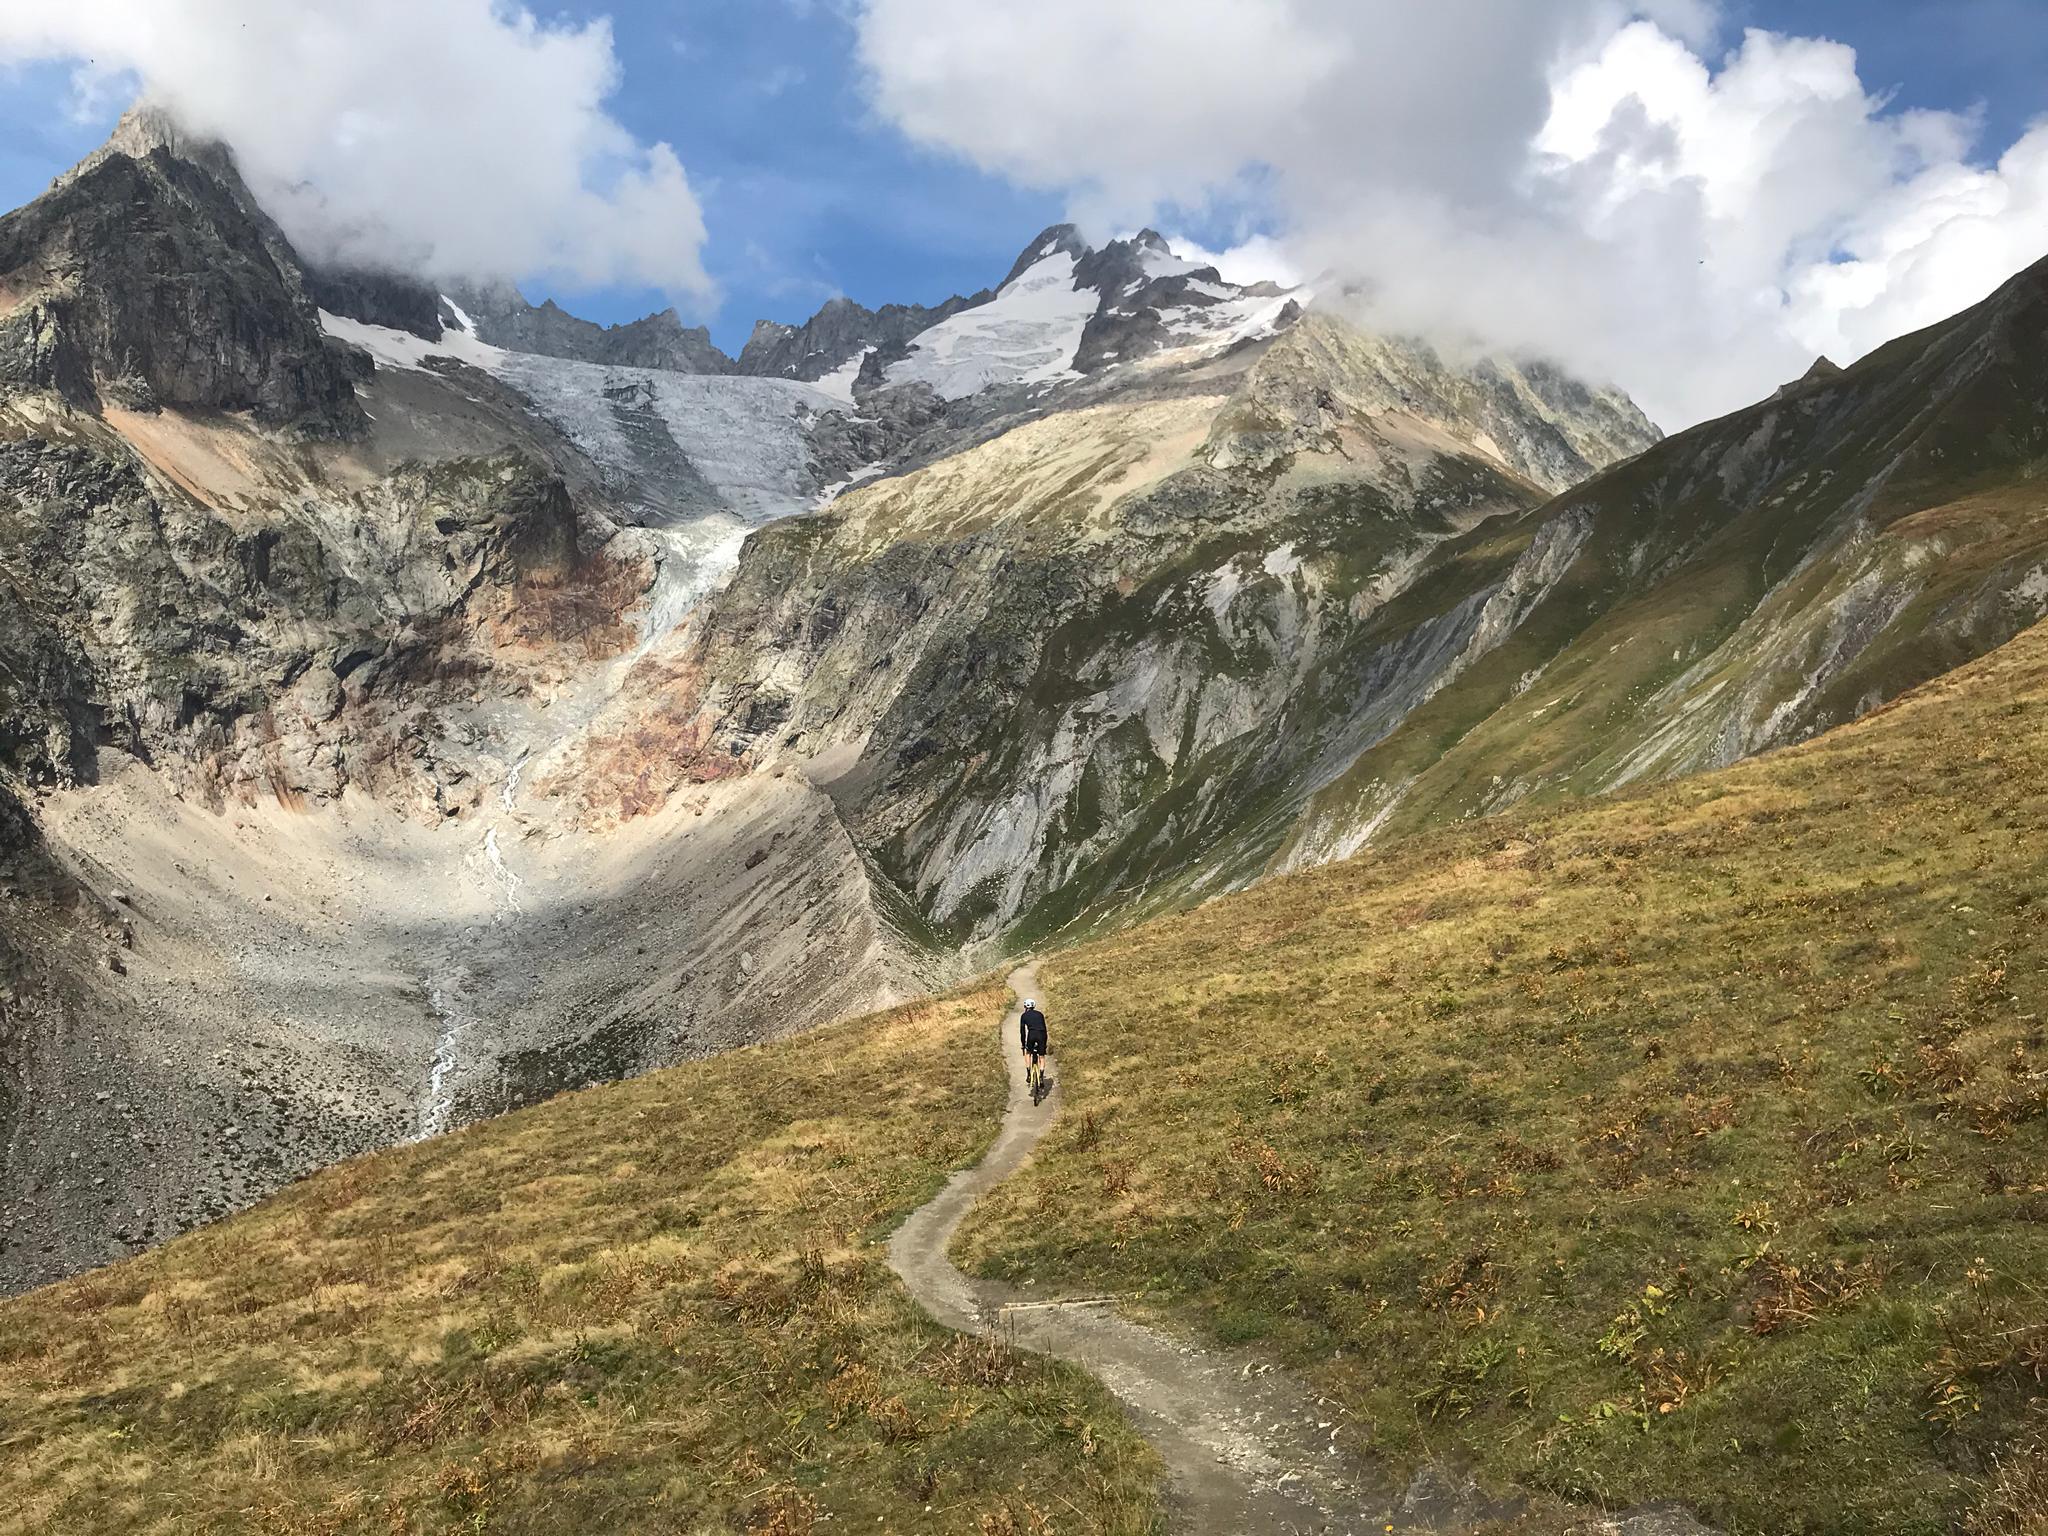 La descente du col Ferret en Italie